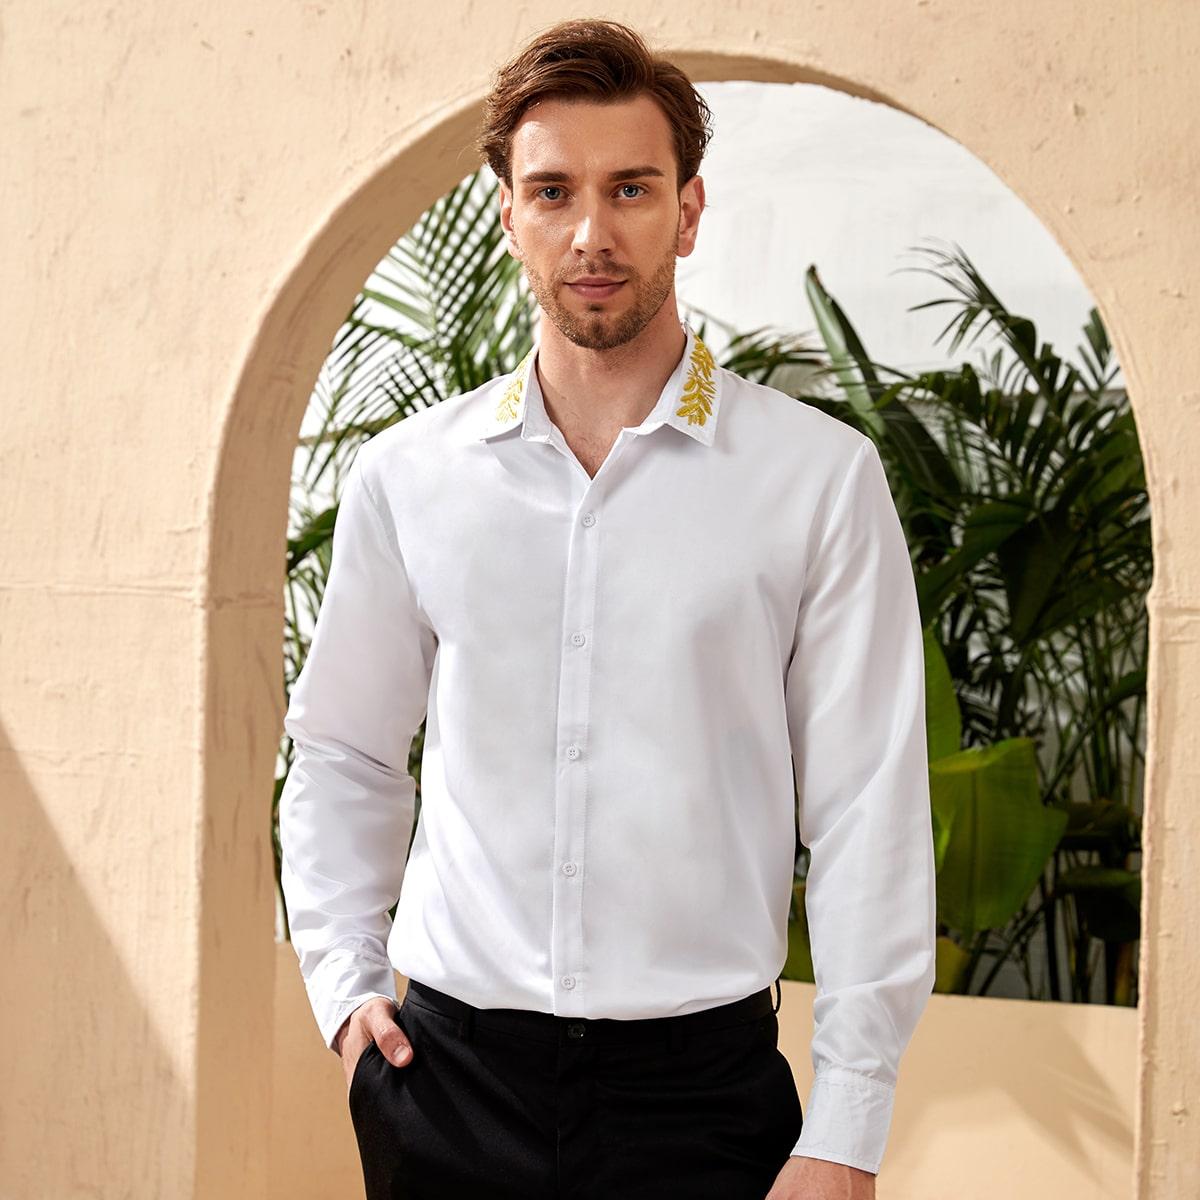 Мужская рубашка на пуговицах с вышивкой растений